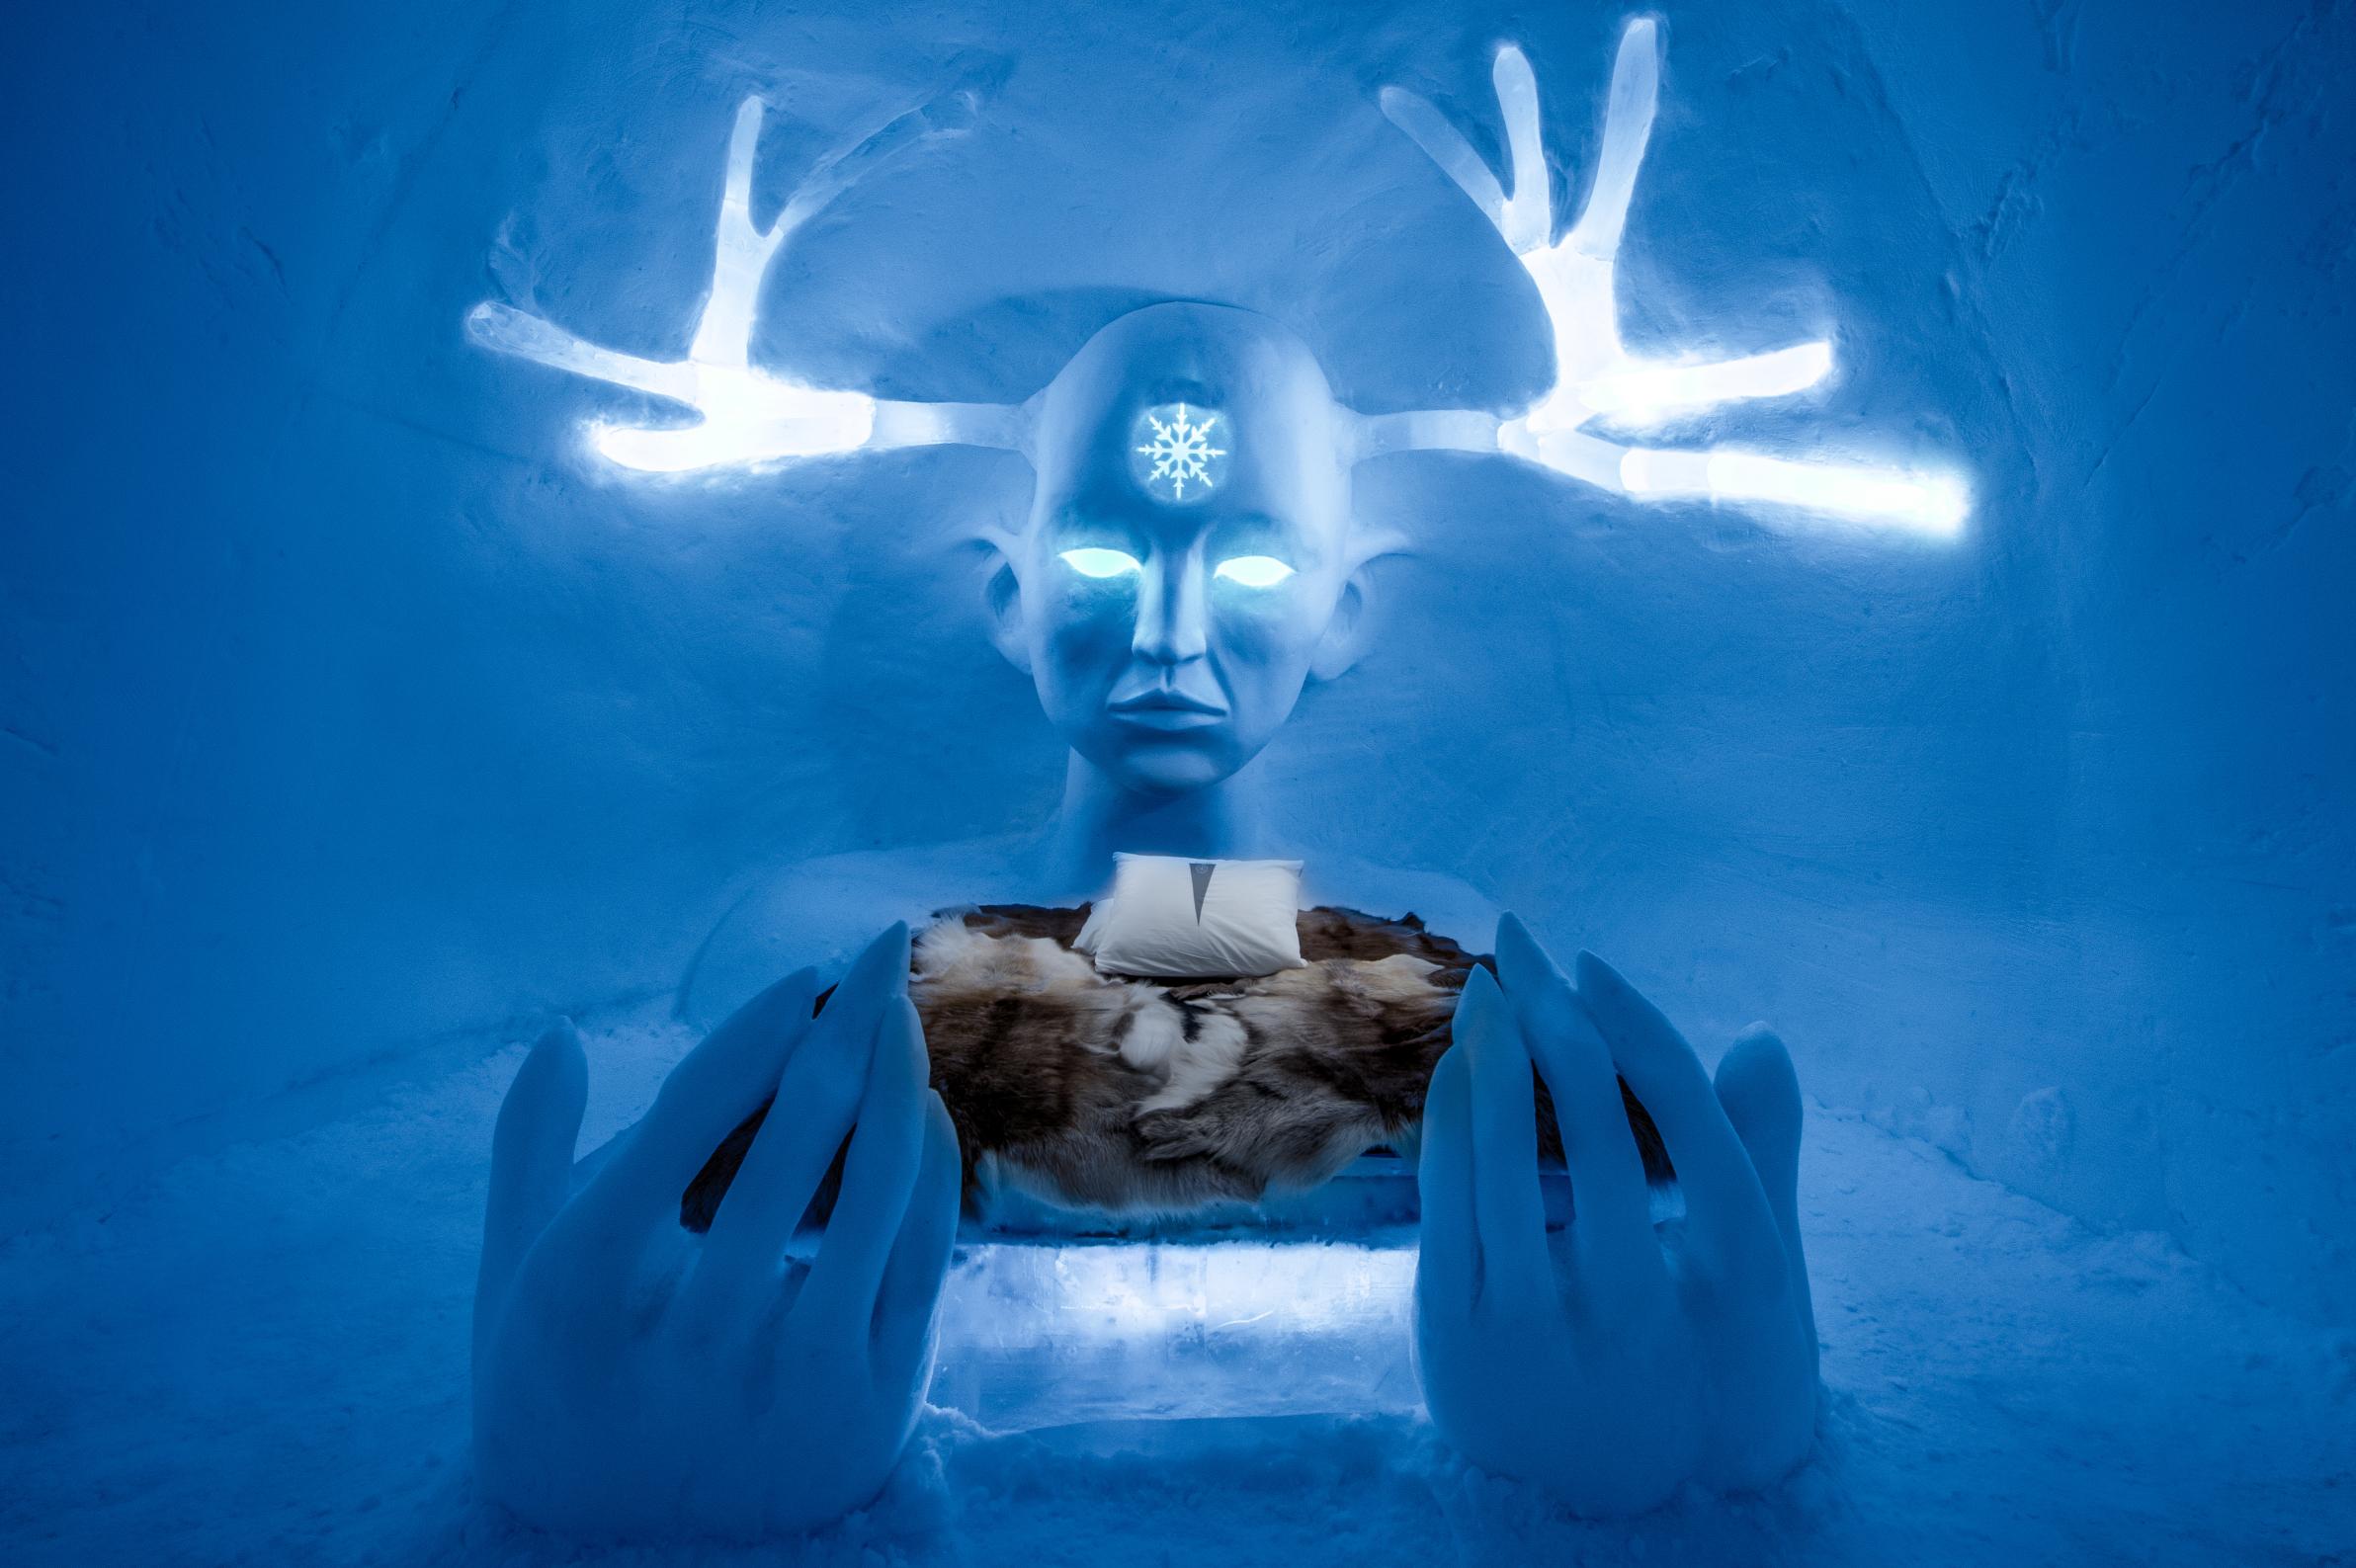 Conta com obras de arte de gelo